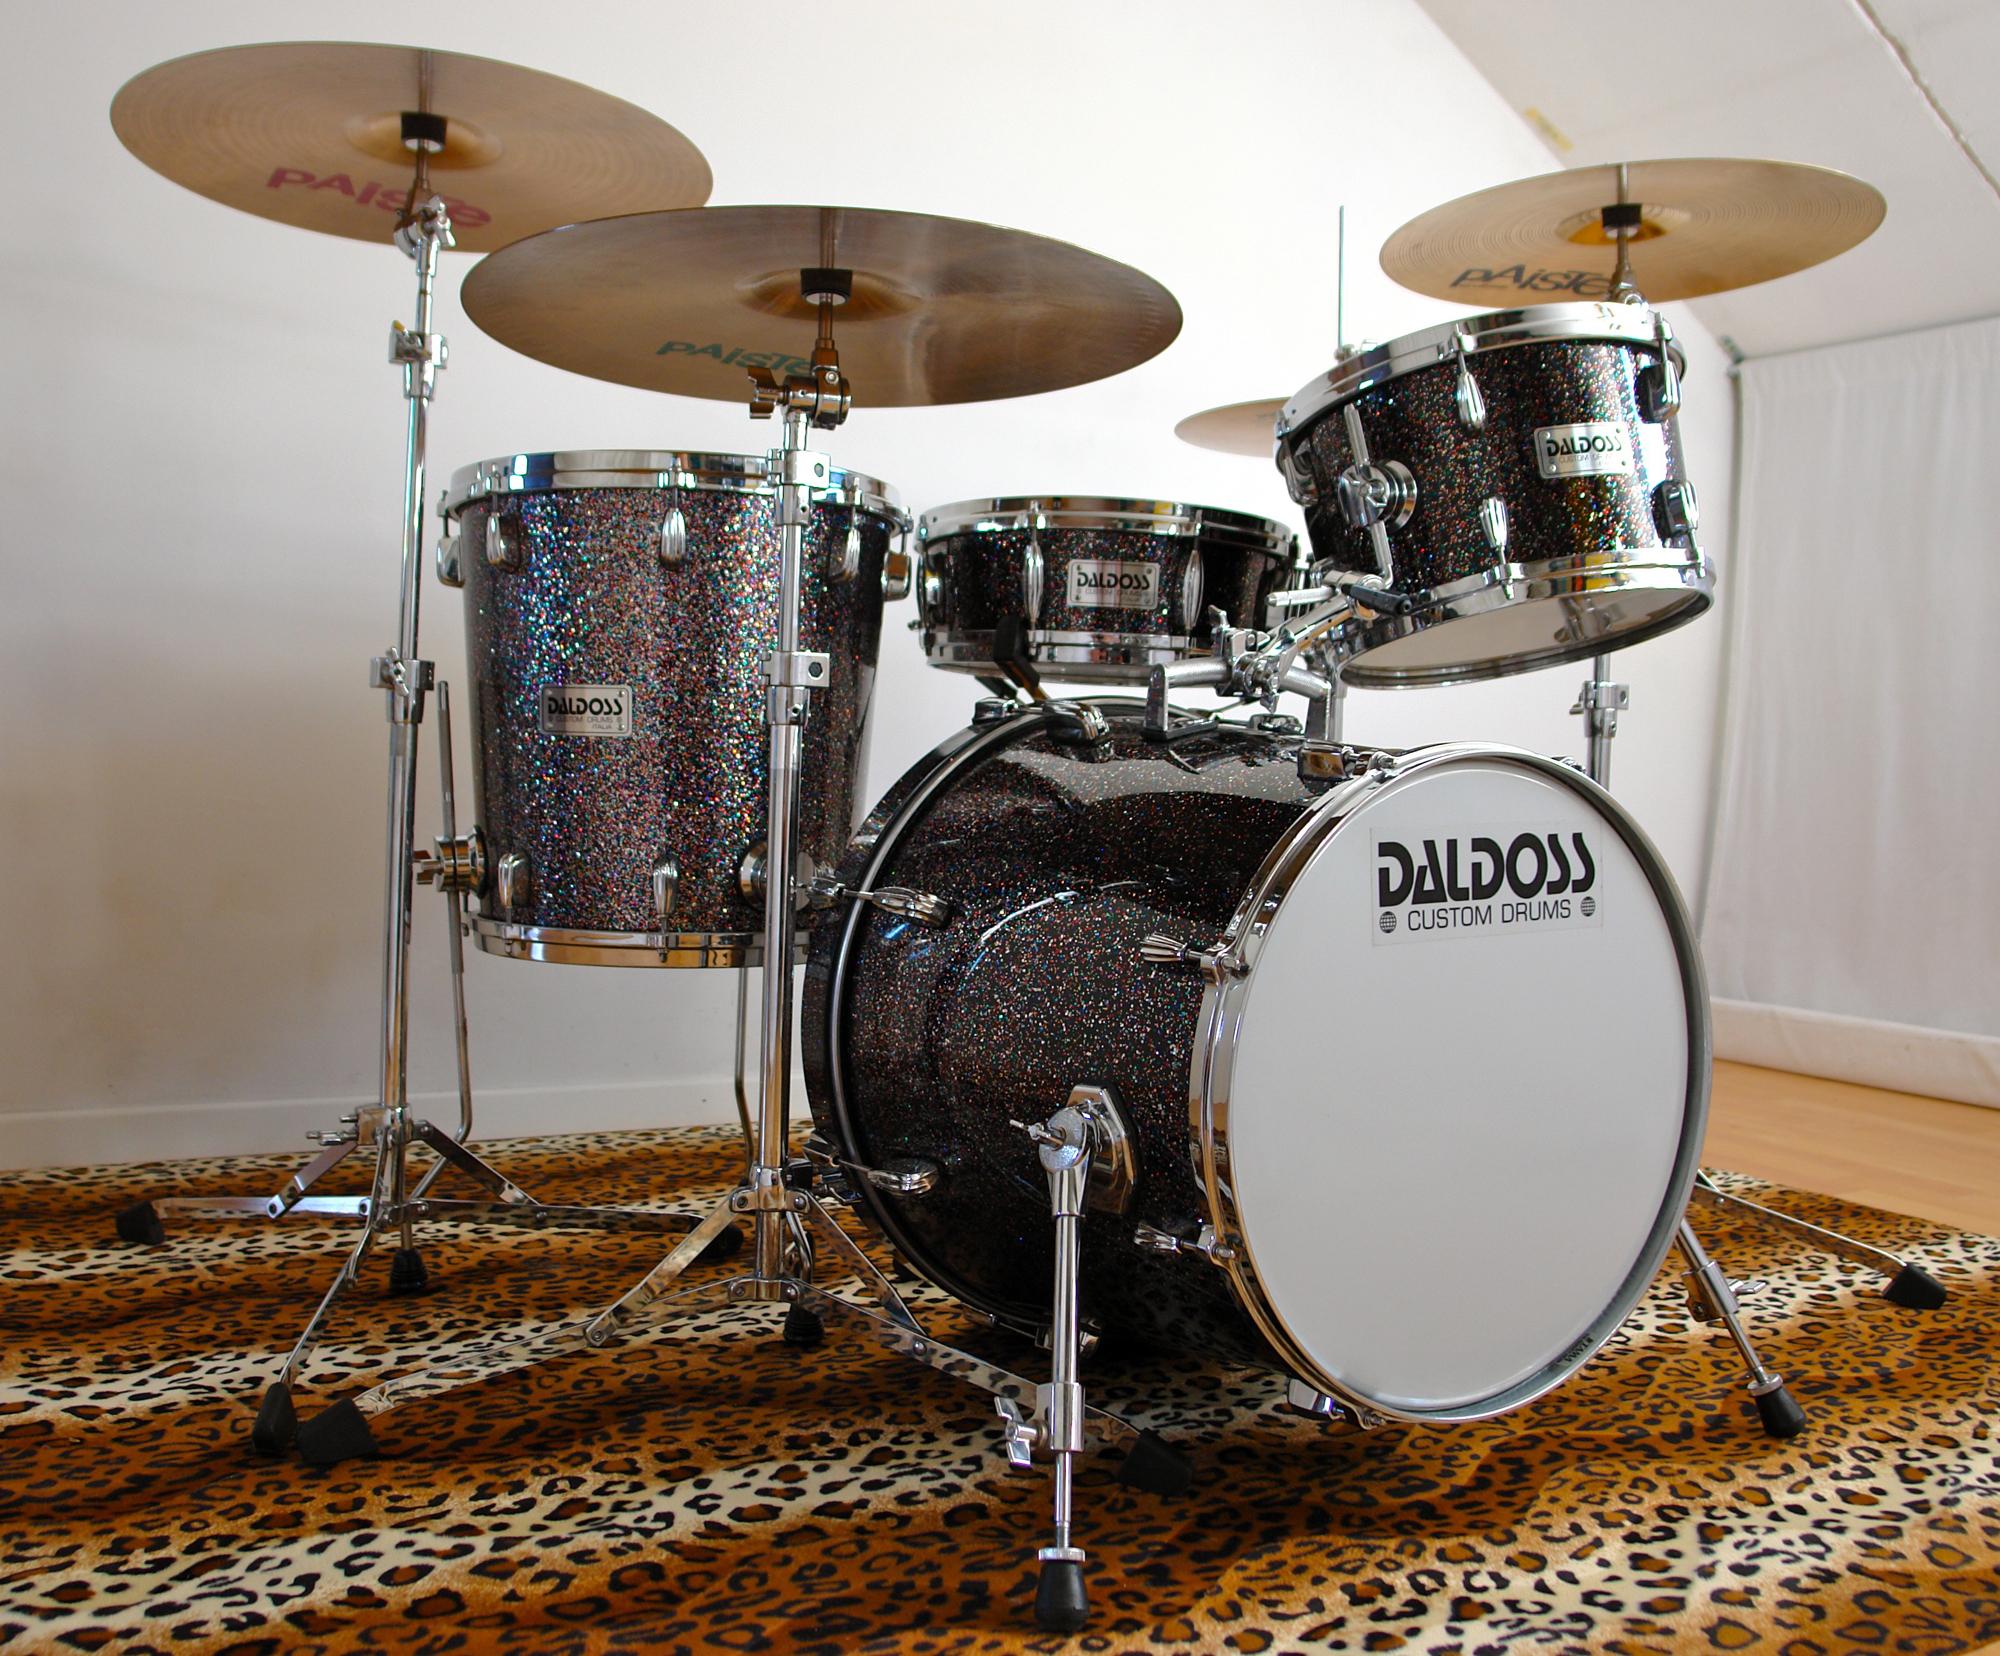 mardi_gras_CONICAL_drum_set_down_sito